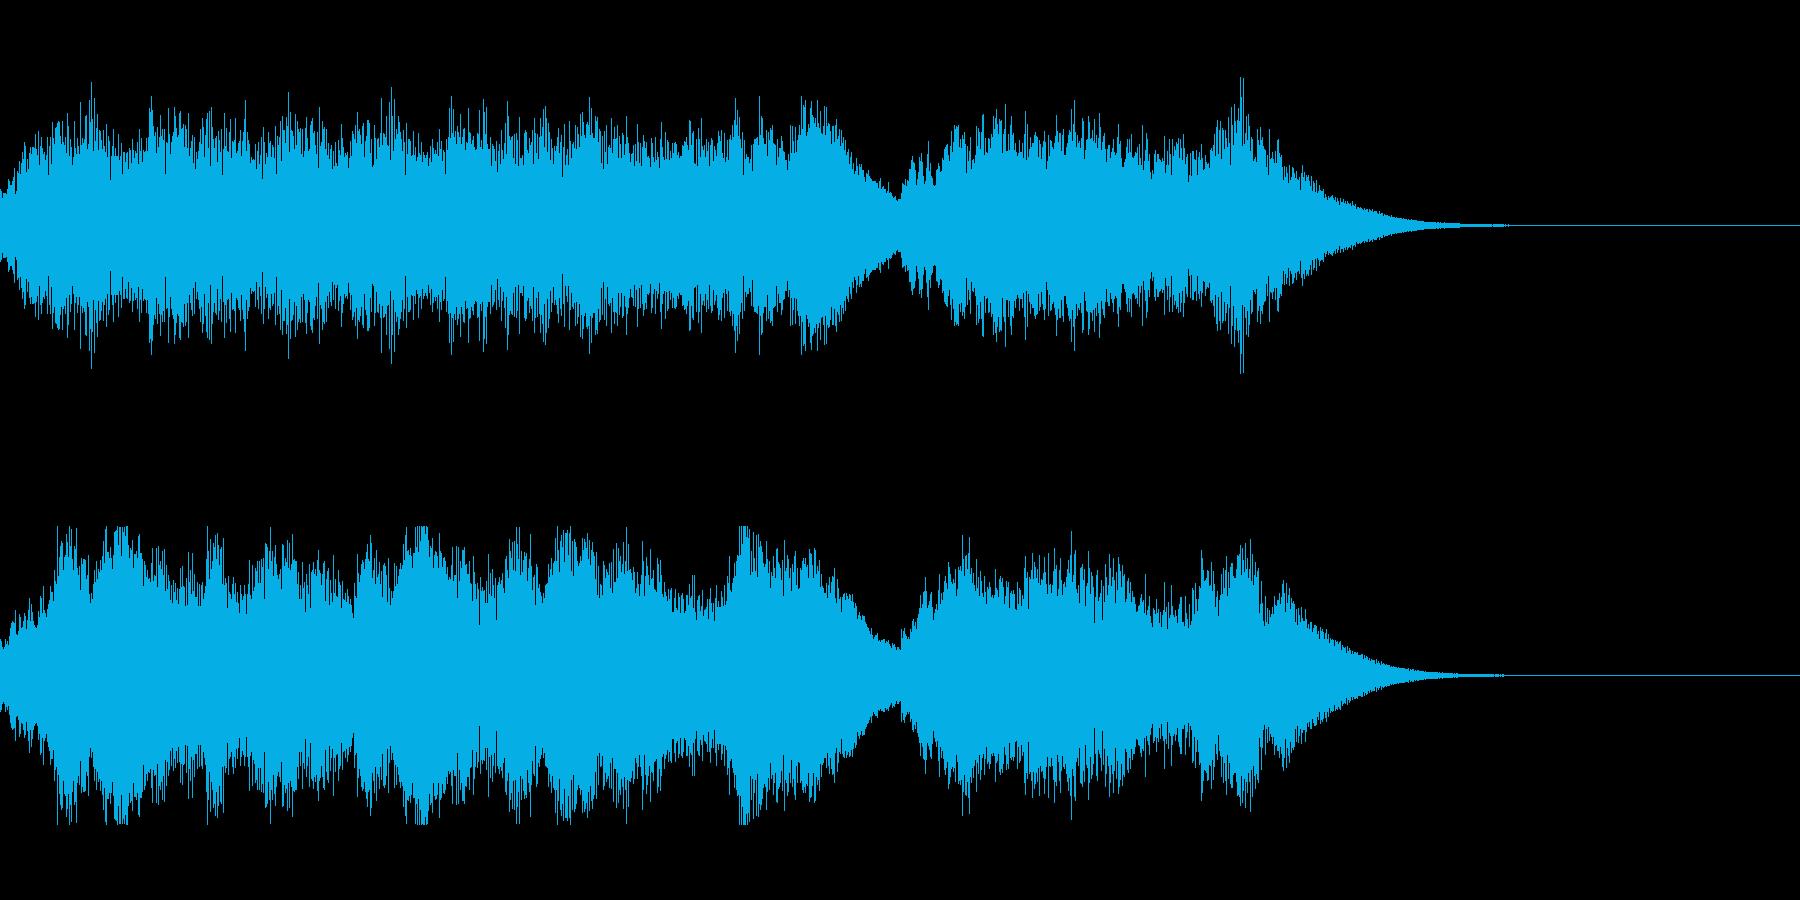 発車メロディ5の再生済みの波形